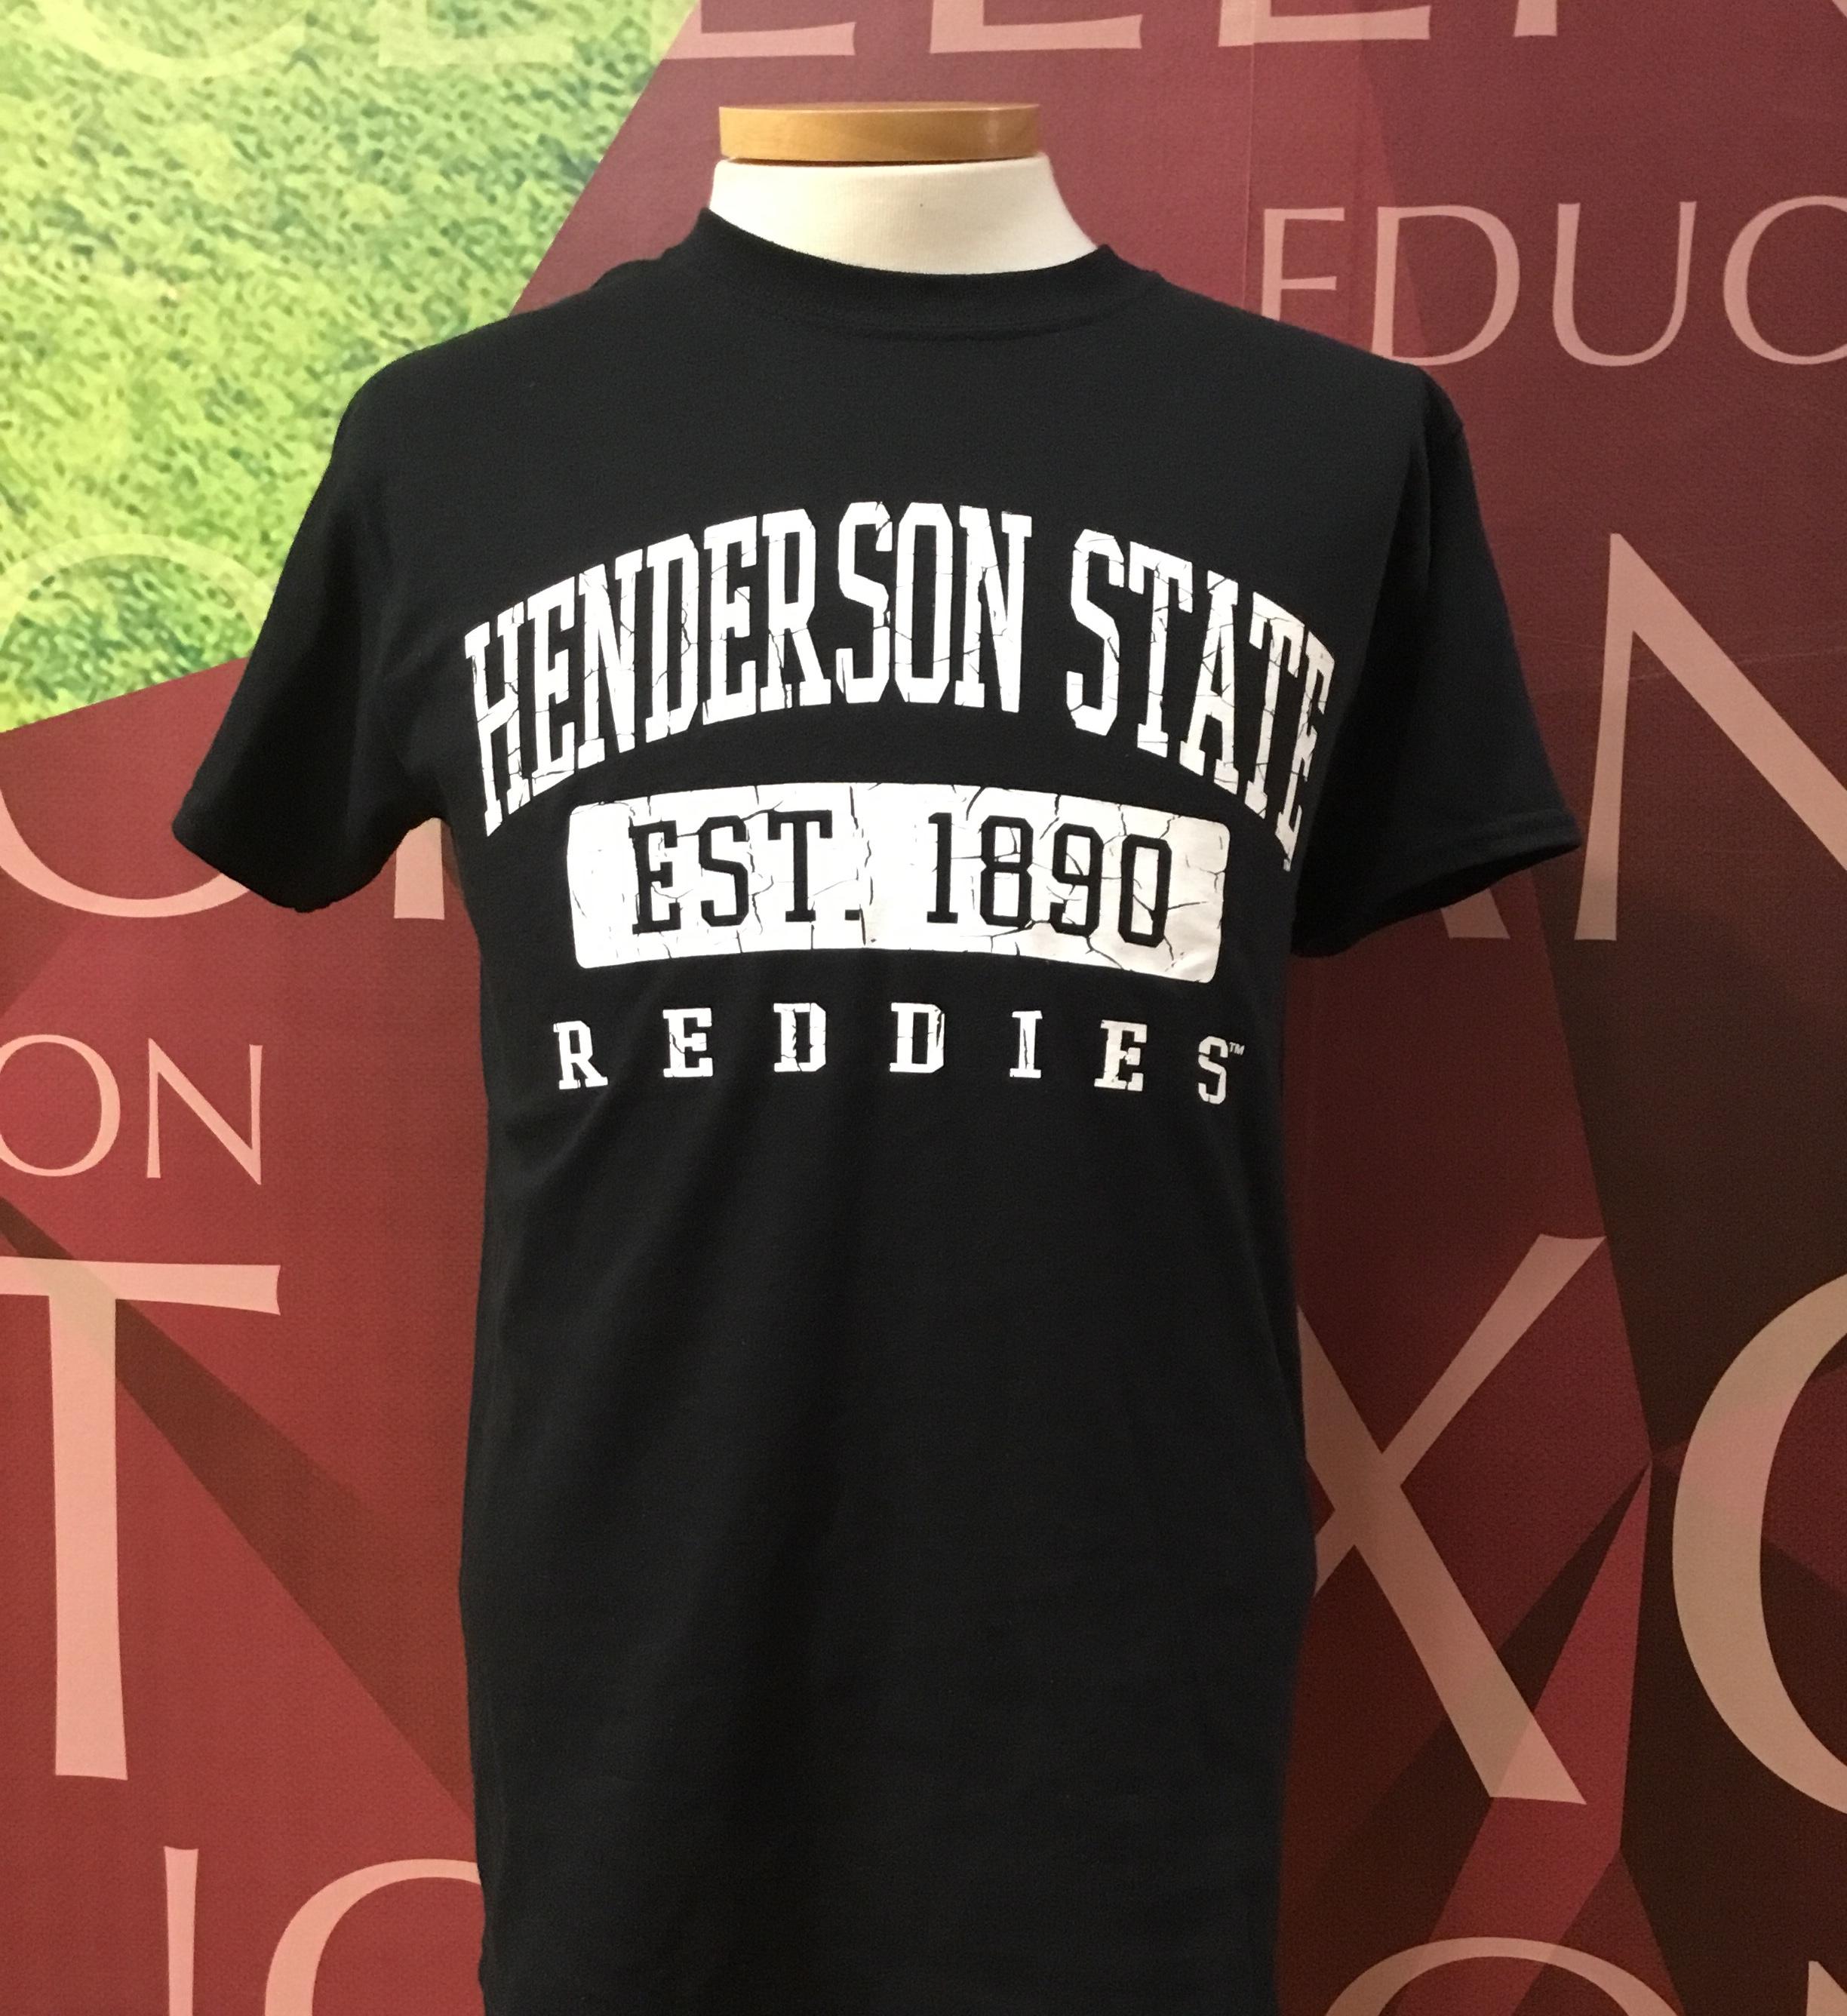 Henderson State Reddies Est. 1890 T-Shirt